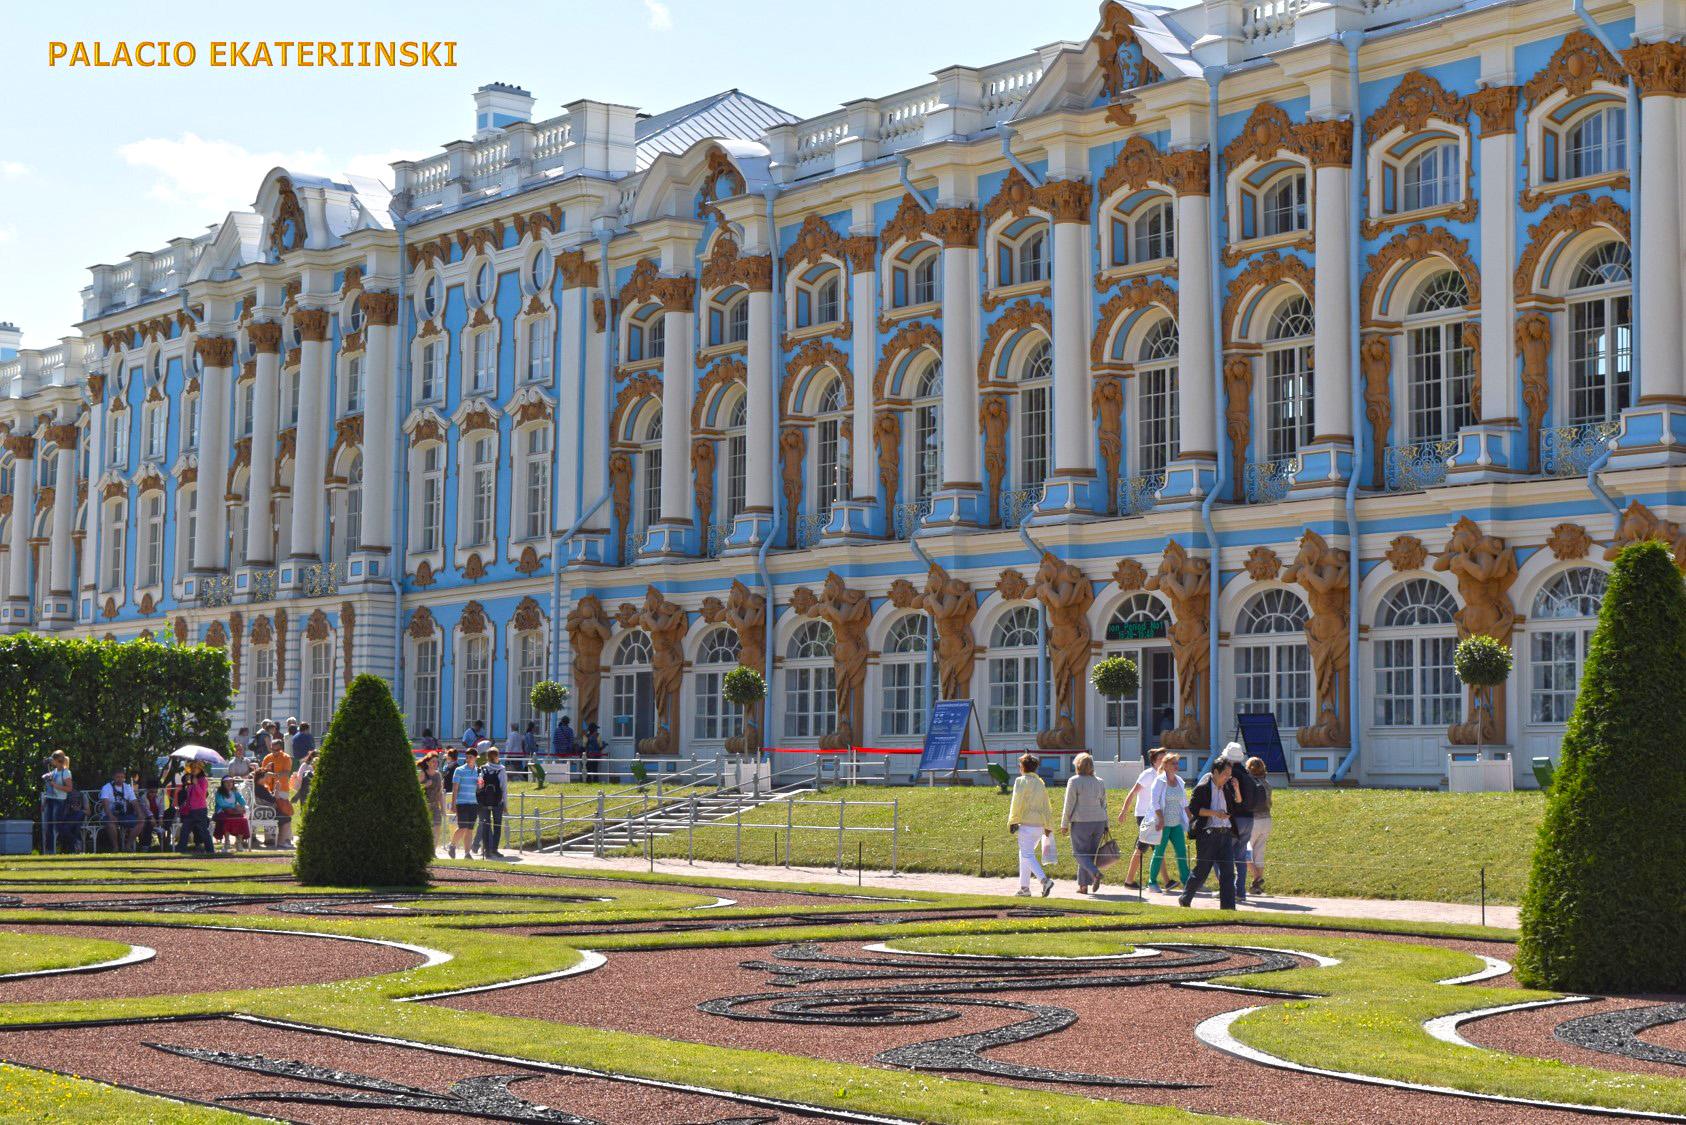 Palacio de Tsárskoye Seló o Palacio de  Catalina